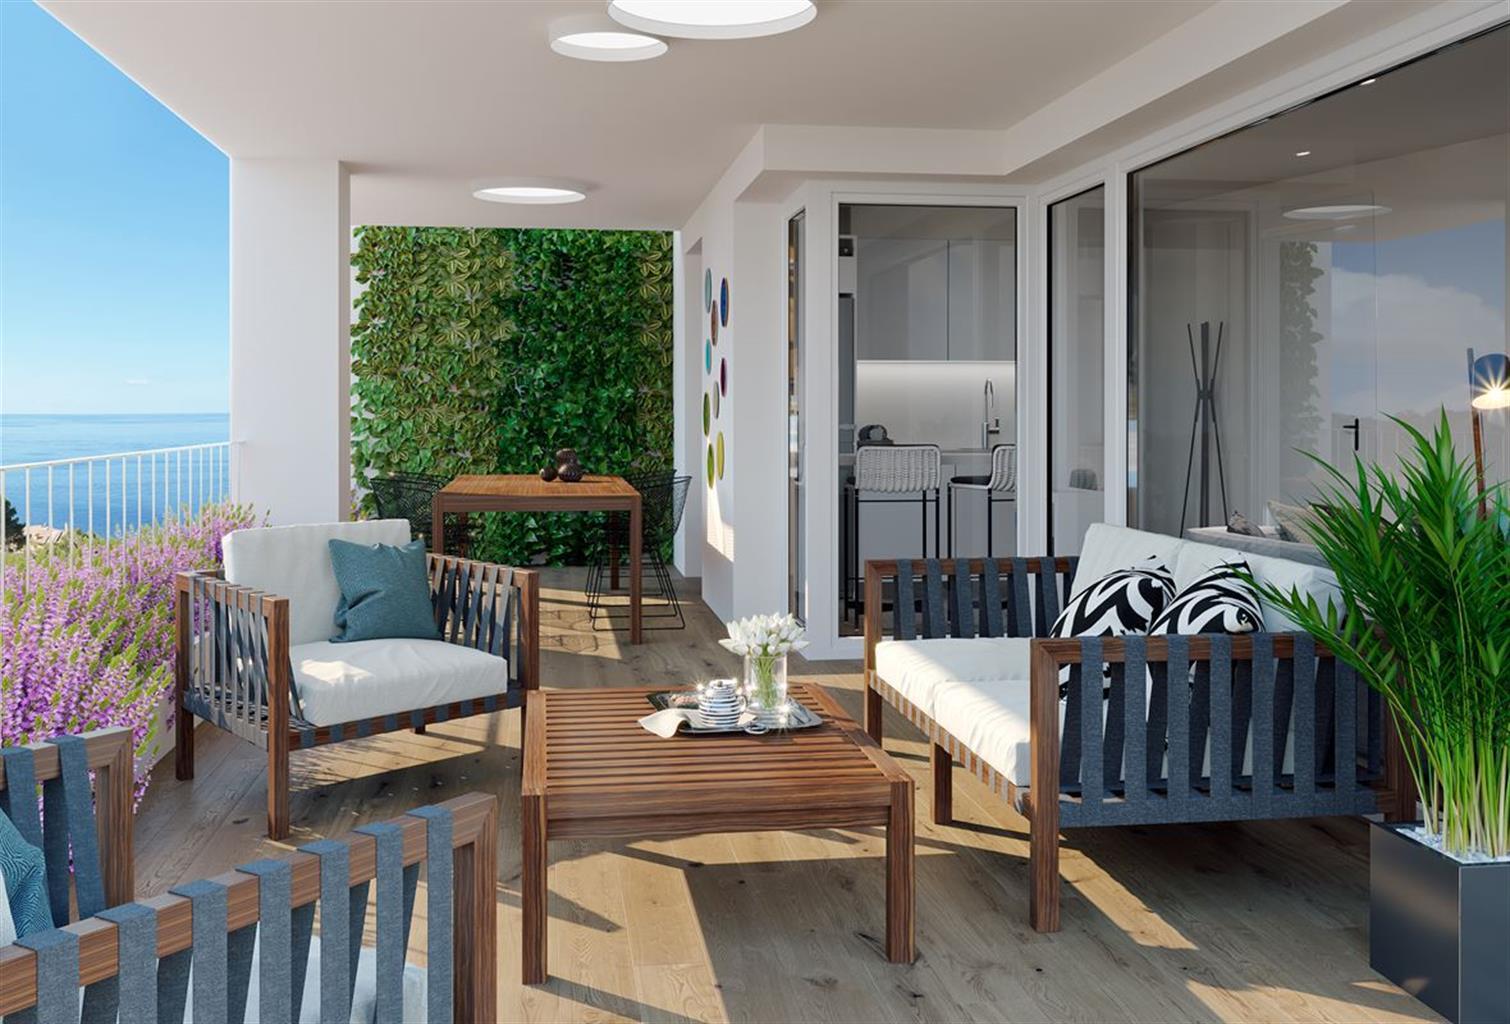 Appartement 3 chambres avec solarium à seulement 100m de la plage